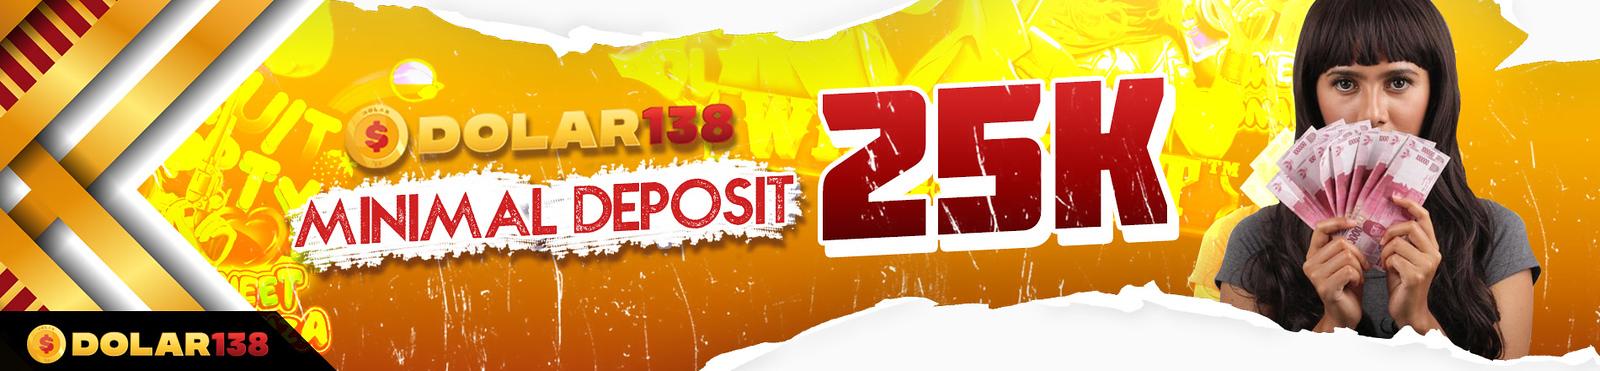 MINIMAL DEPOSIT 25K